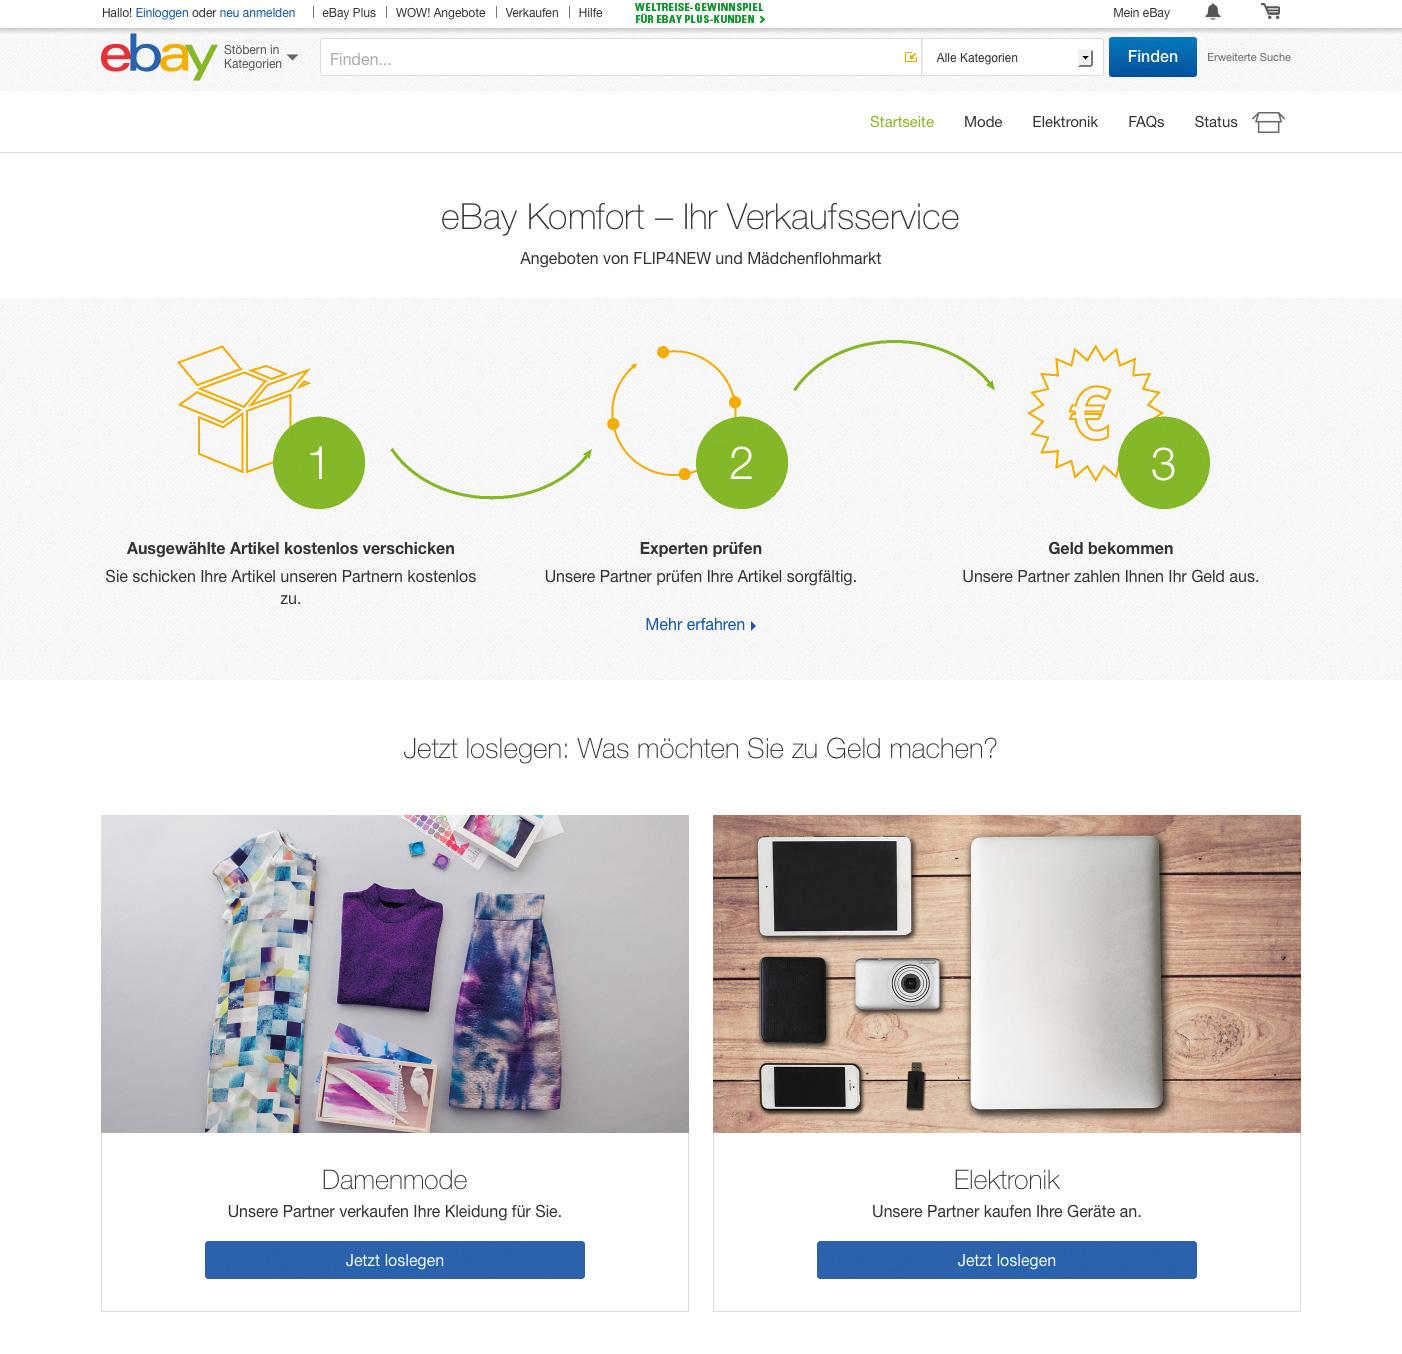 ebay-komfort-landingpage